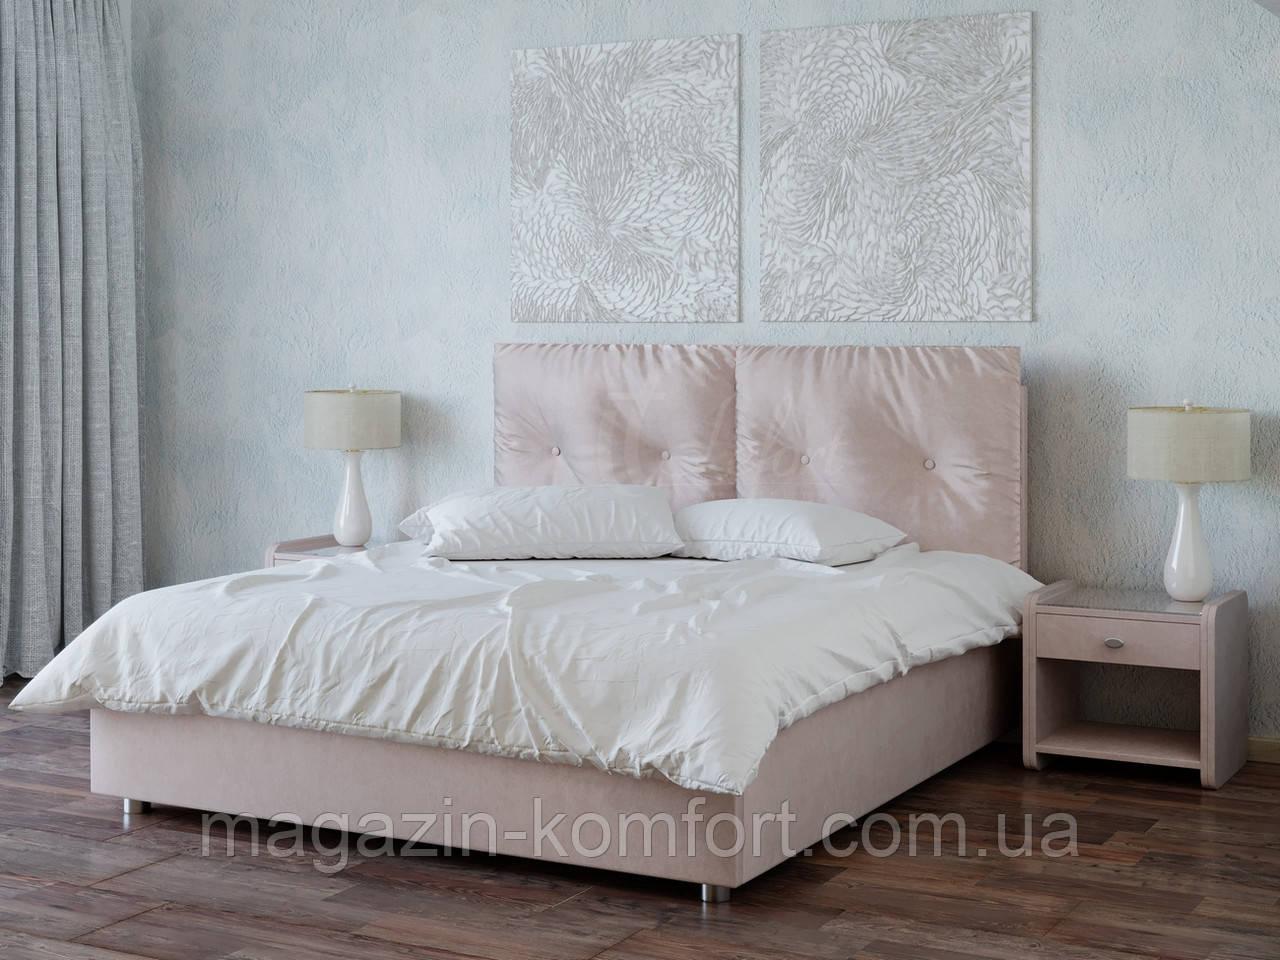 Кровать Мелани 160*190/200 с подъемным механизмом, фото 1